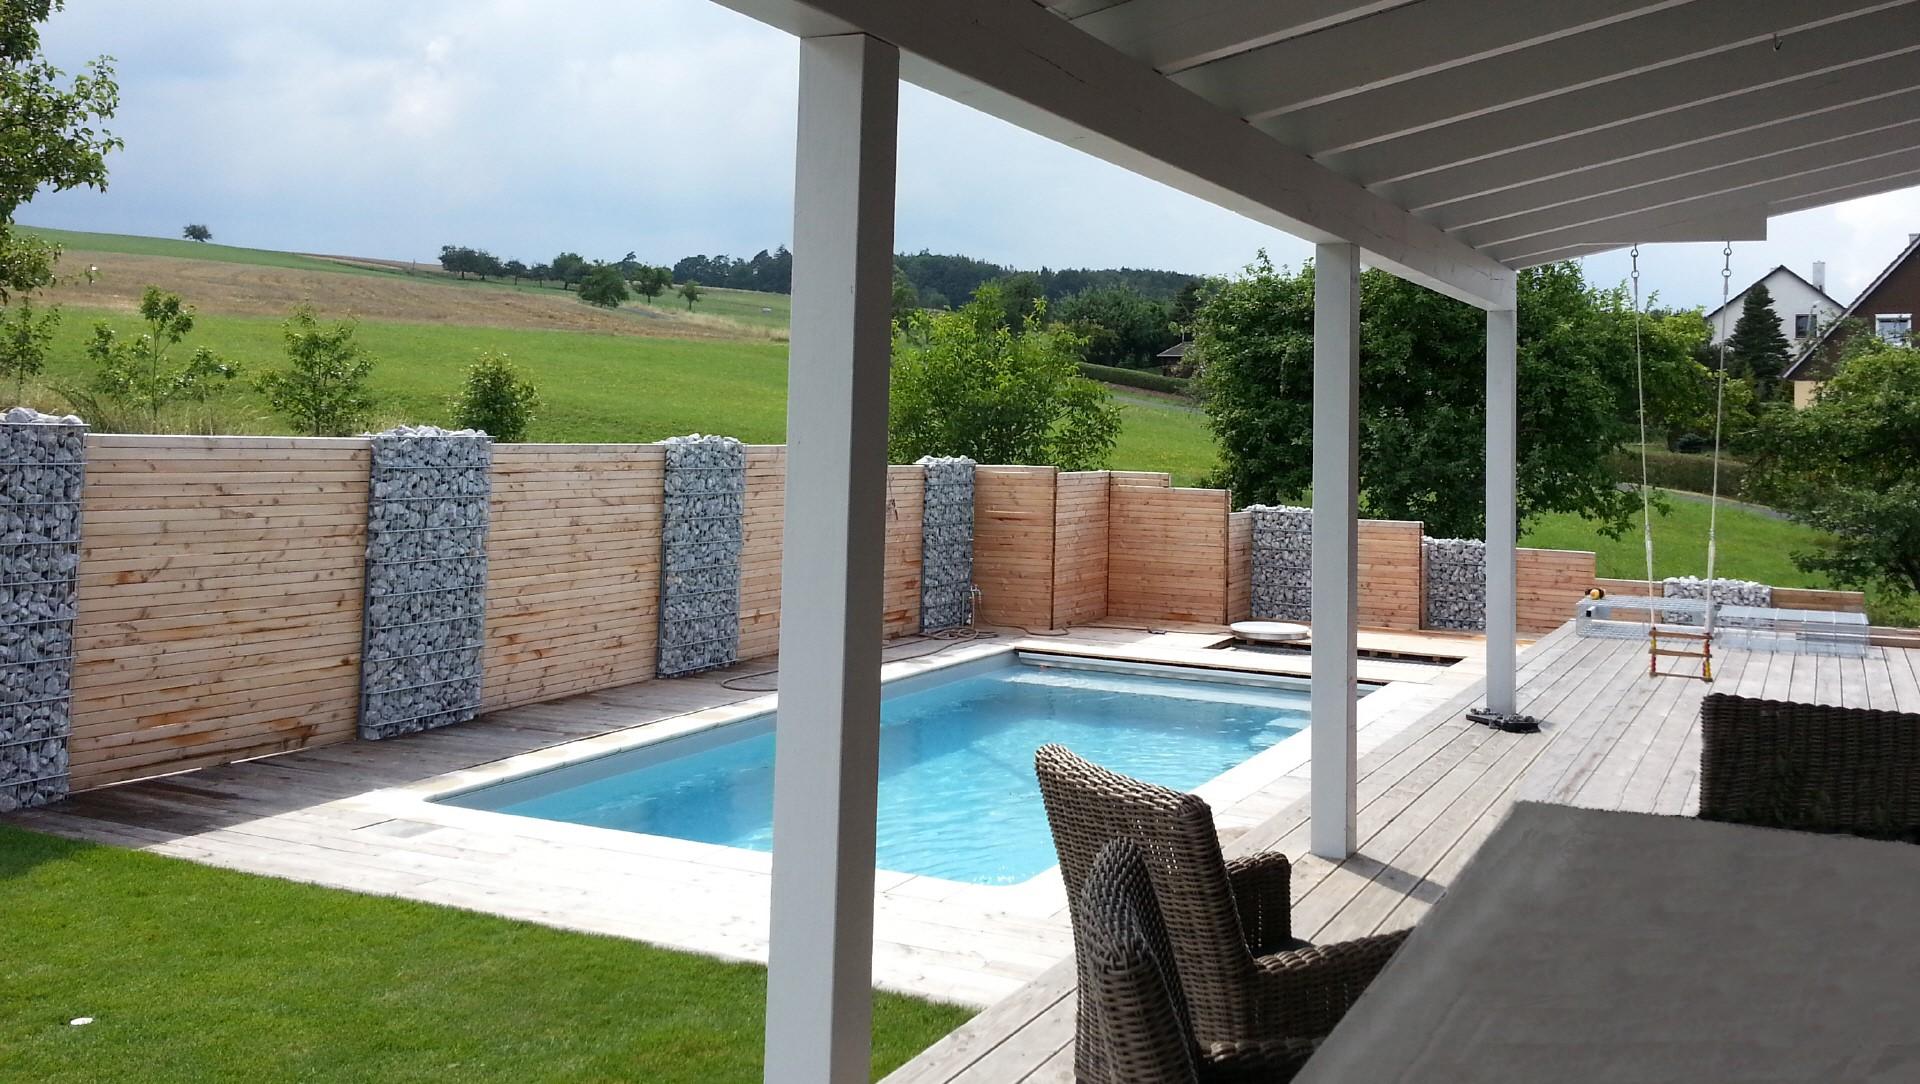 Uberlegen Terasse Mit Pool Und Sichtschutz Aus Holz Und Stein